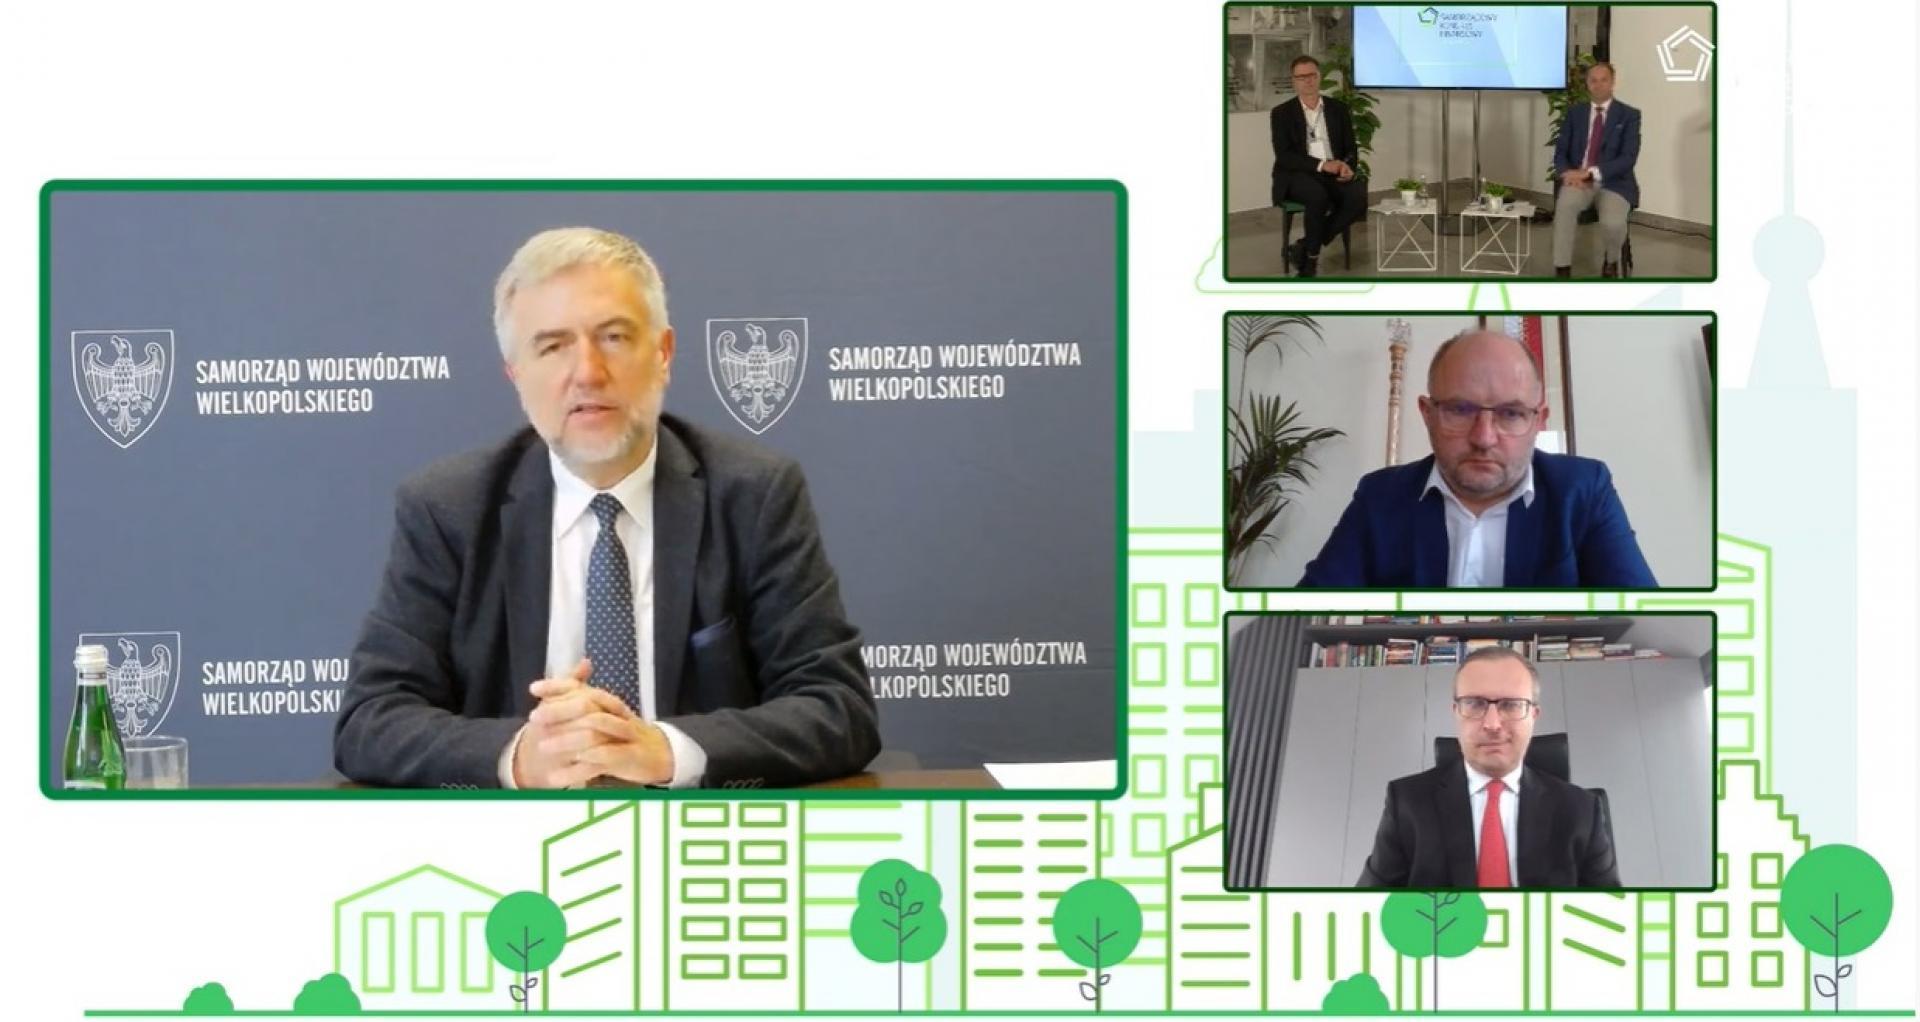 Marszałek Marek Woźniak: W Polsce widzimy tendencje centralizacyjne. To złe tendencje - zobacz więcej